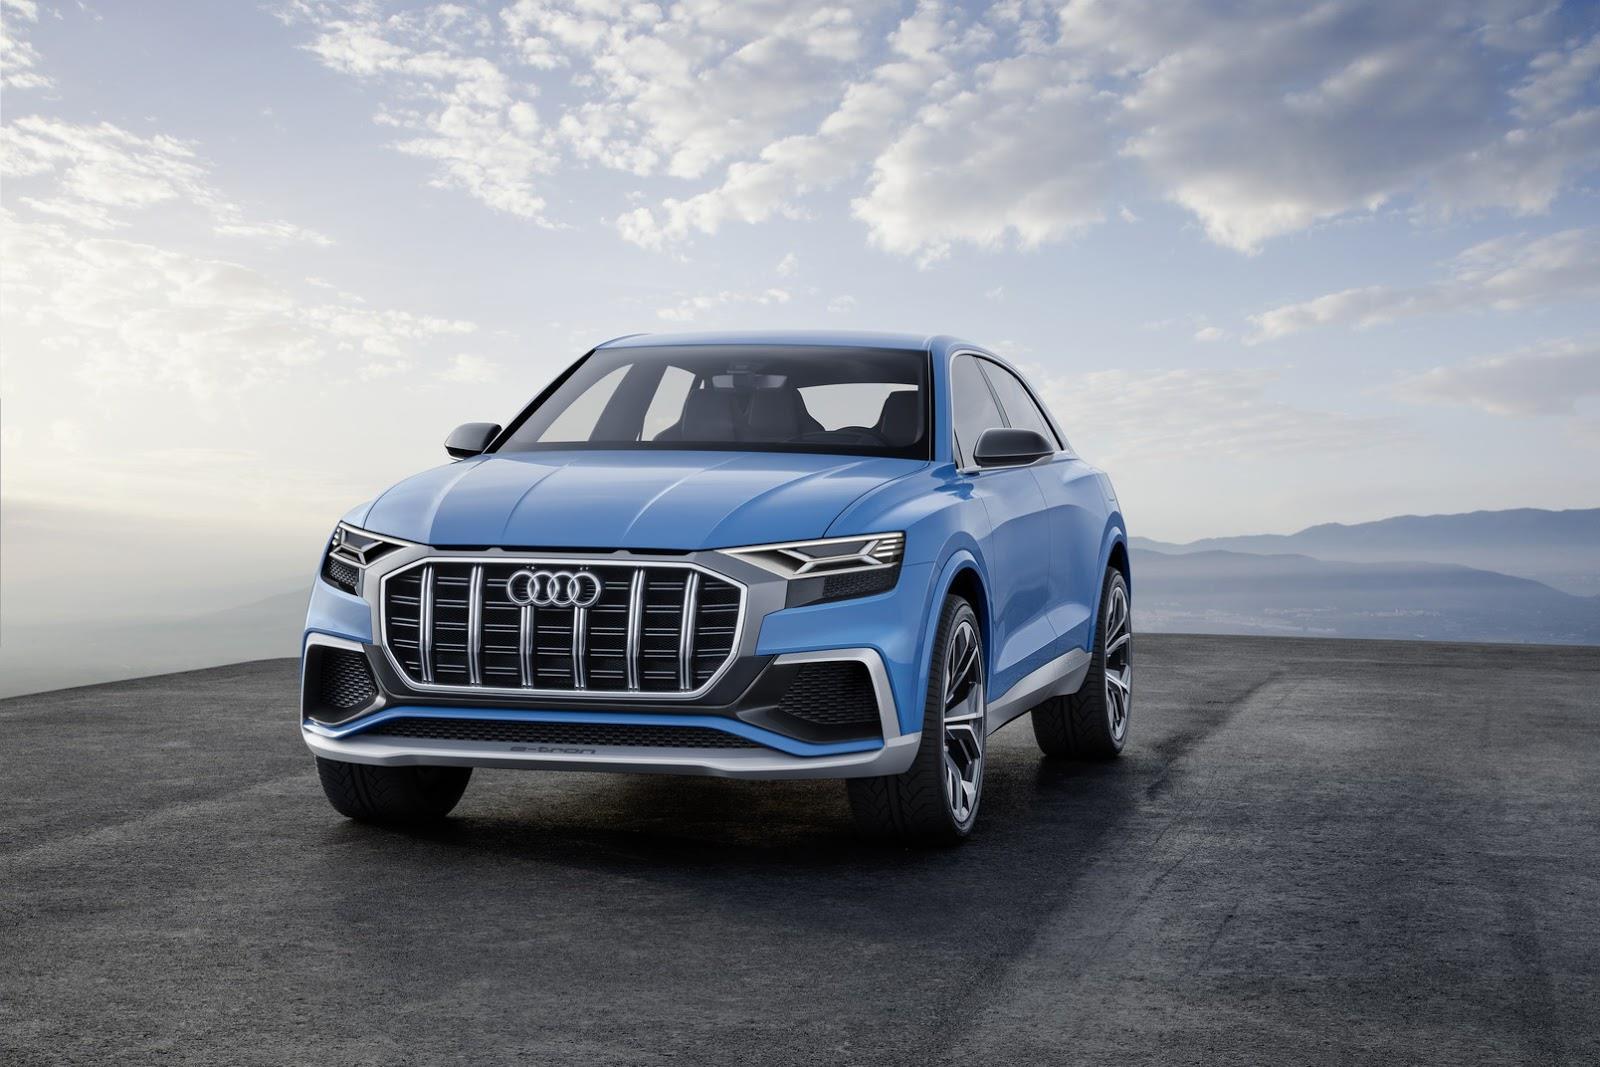 Audi Q8 concept image gallery